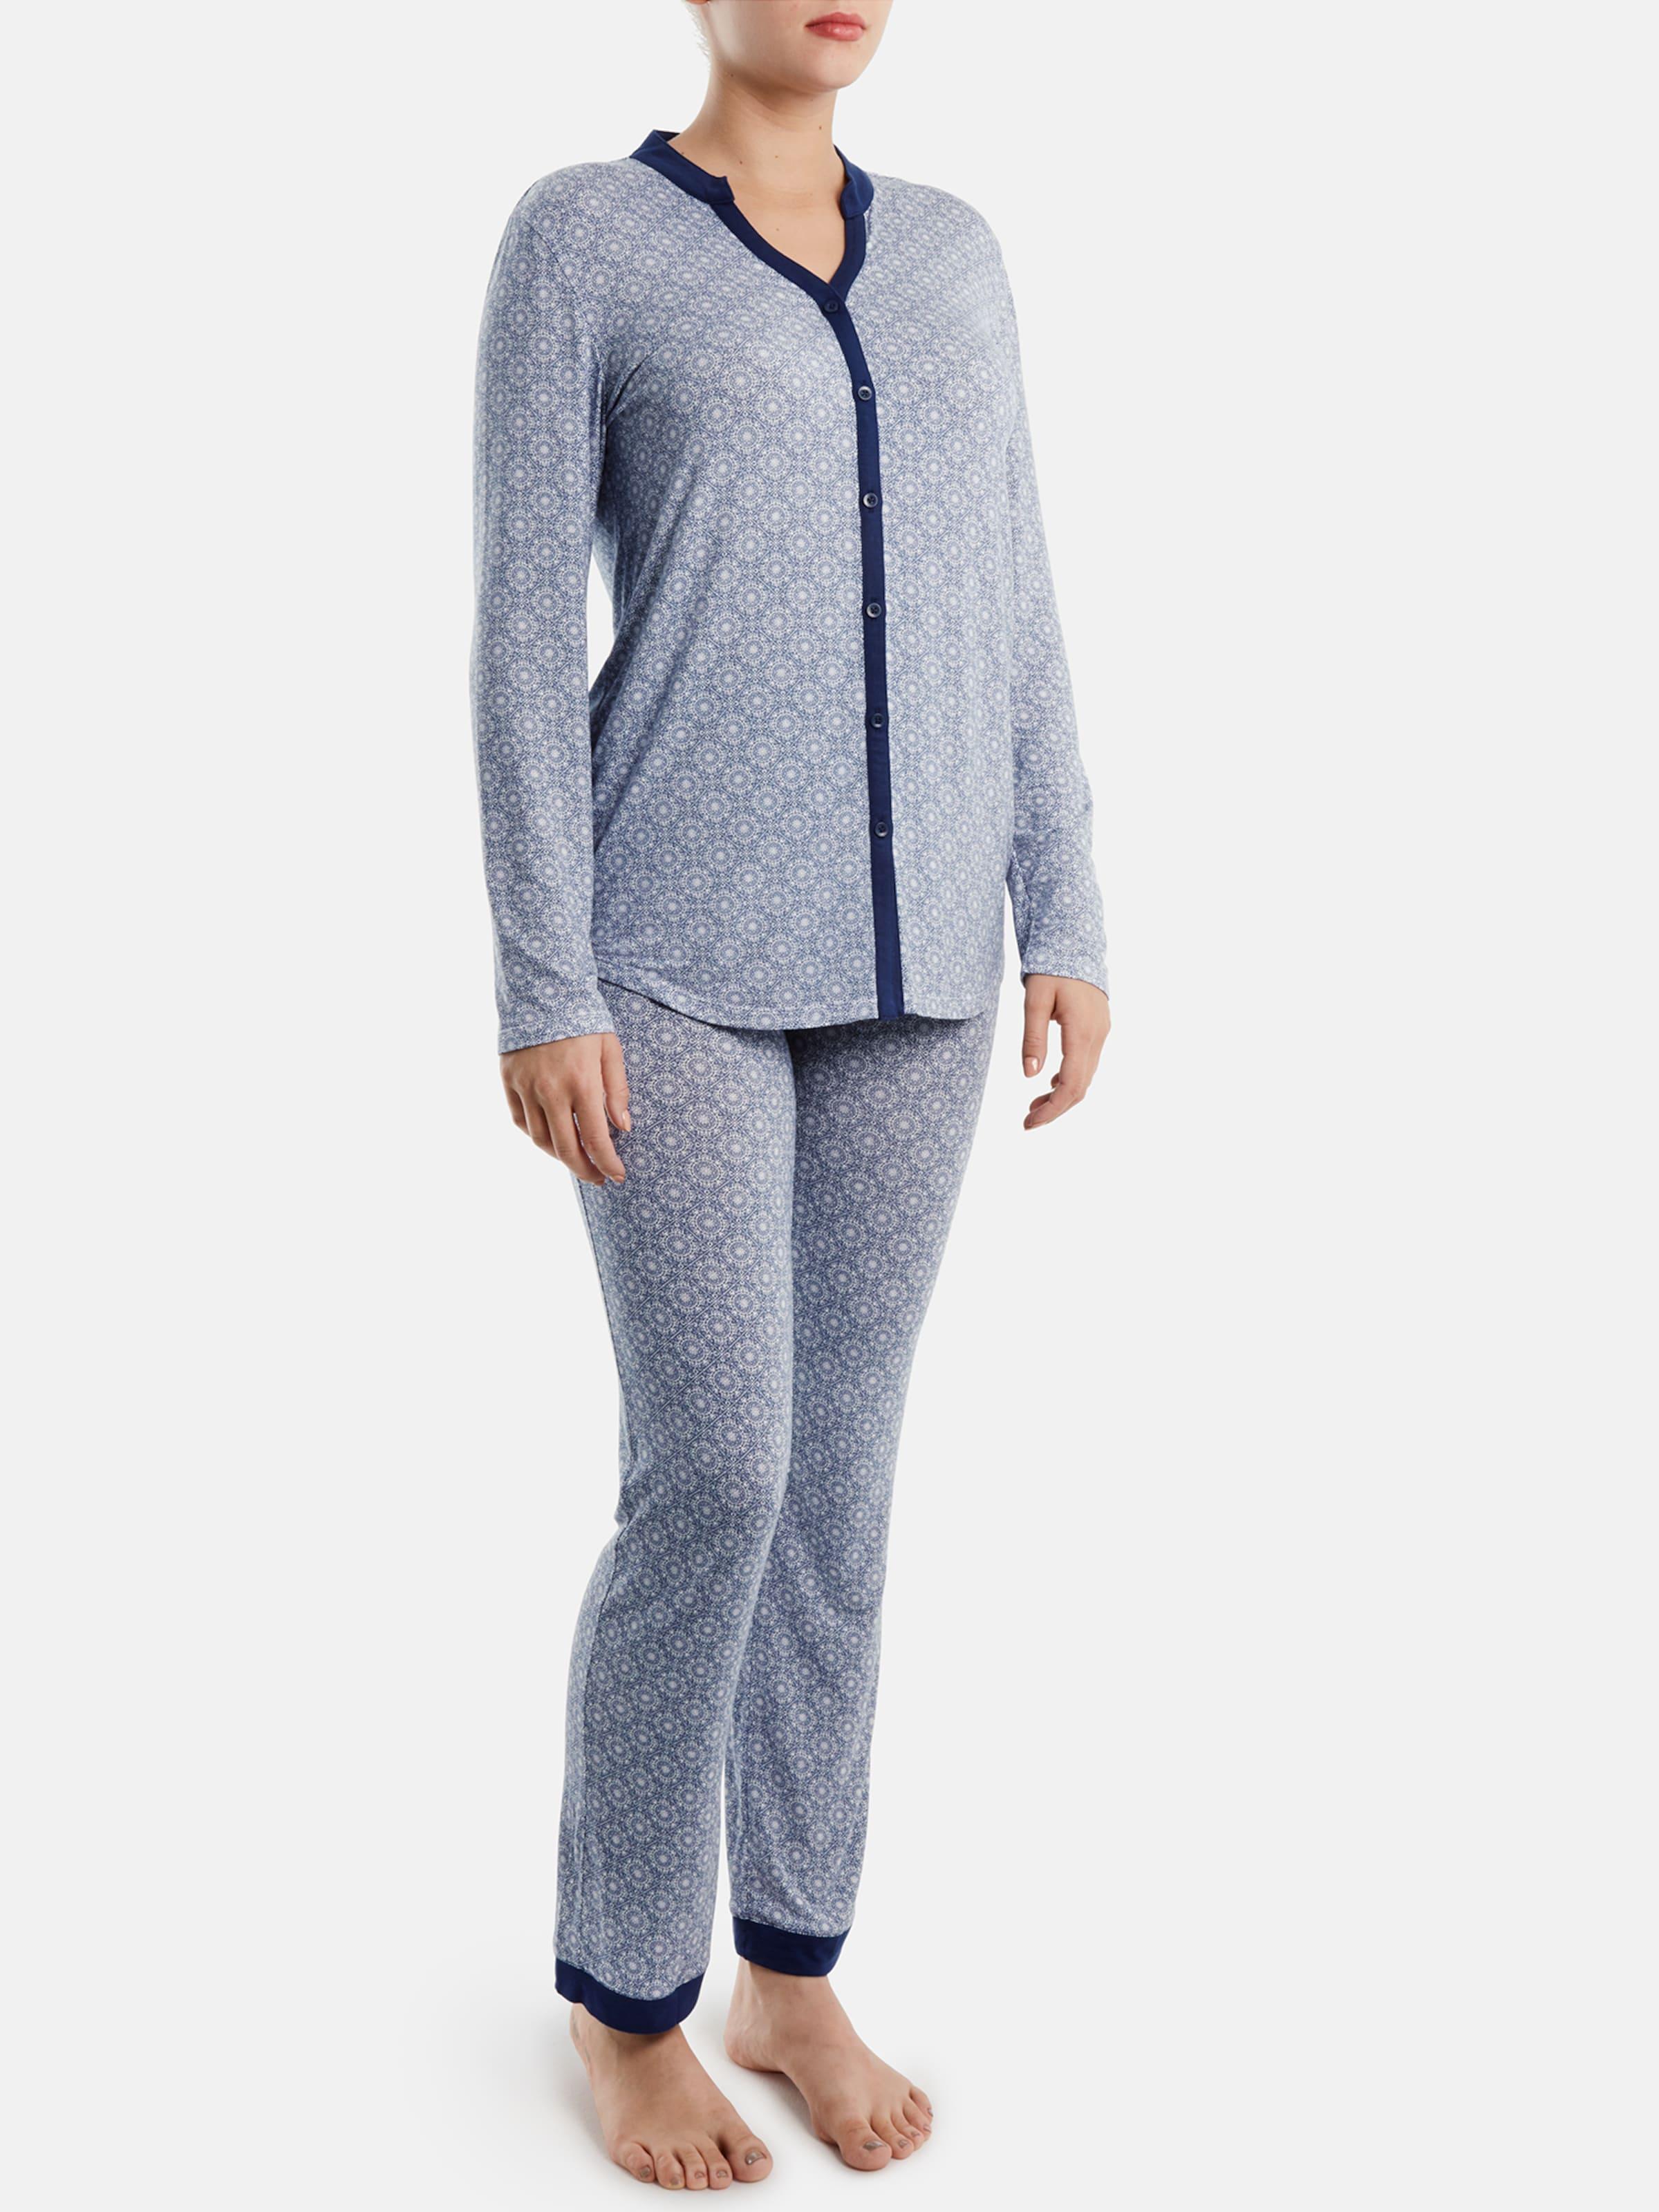 Palmers 'moroccan En Pantalon Bleu Pyjama De FoncéBlanc Nights' FKTlJc13